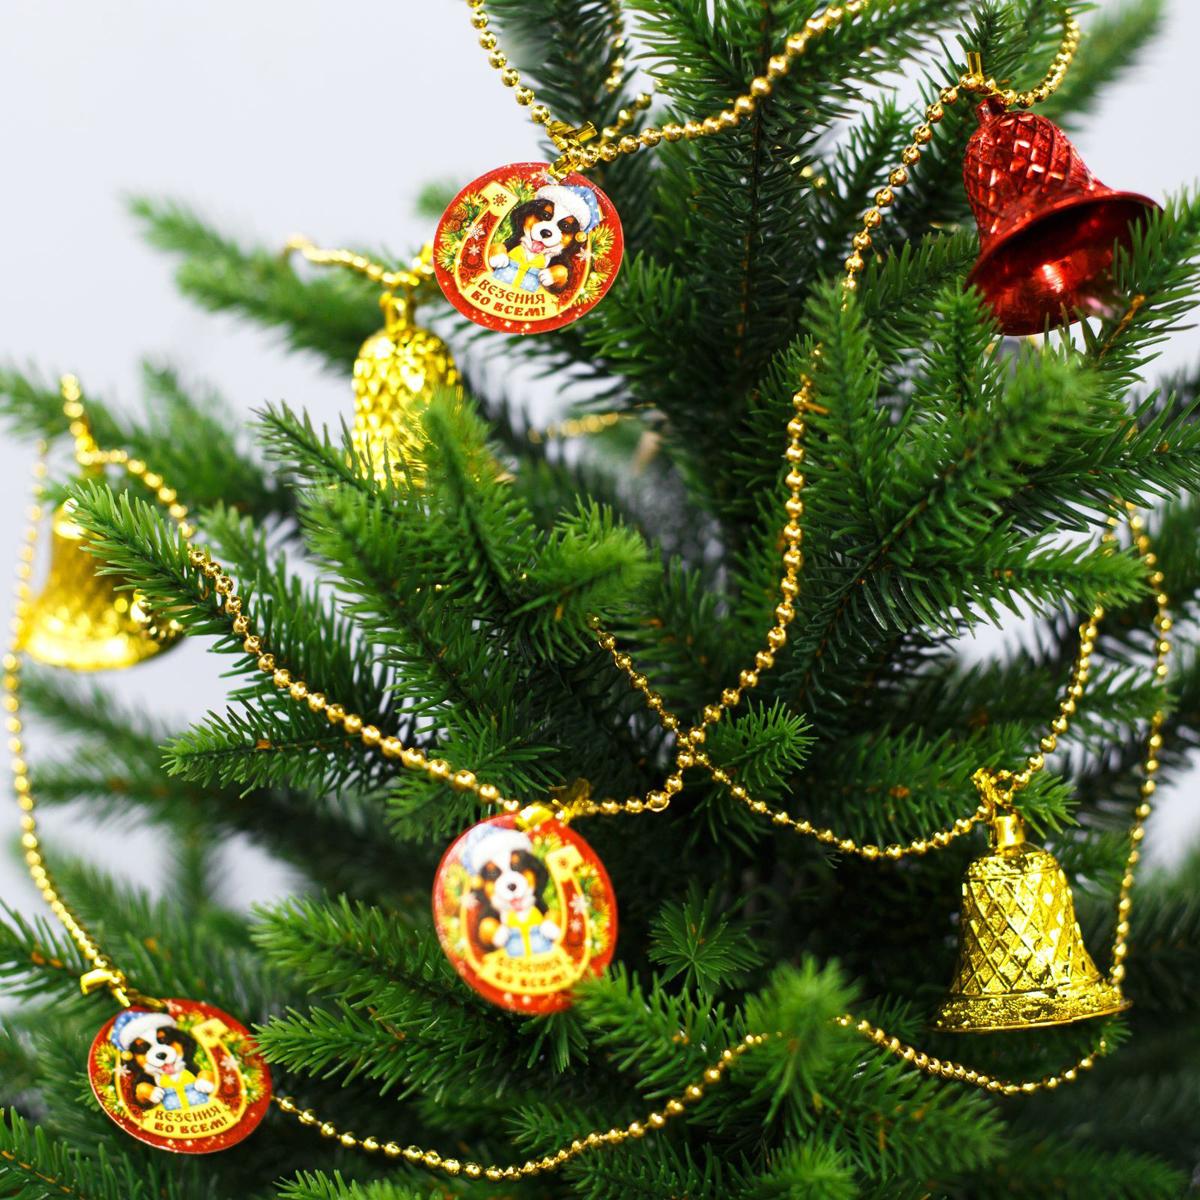 Гирлянда новогодняя Везения во всем, длина 2 м2301779Как приятно преображать жилище в преддверии долгожданного торжества! Декором можно не только оформить елку, но и украсить шкаф или стену.